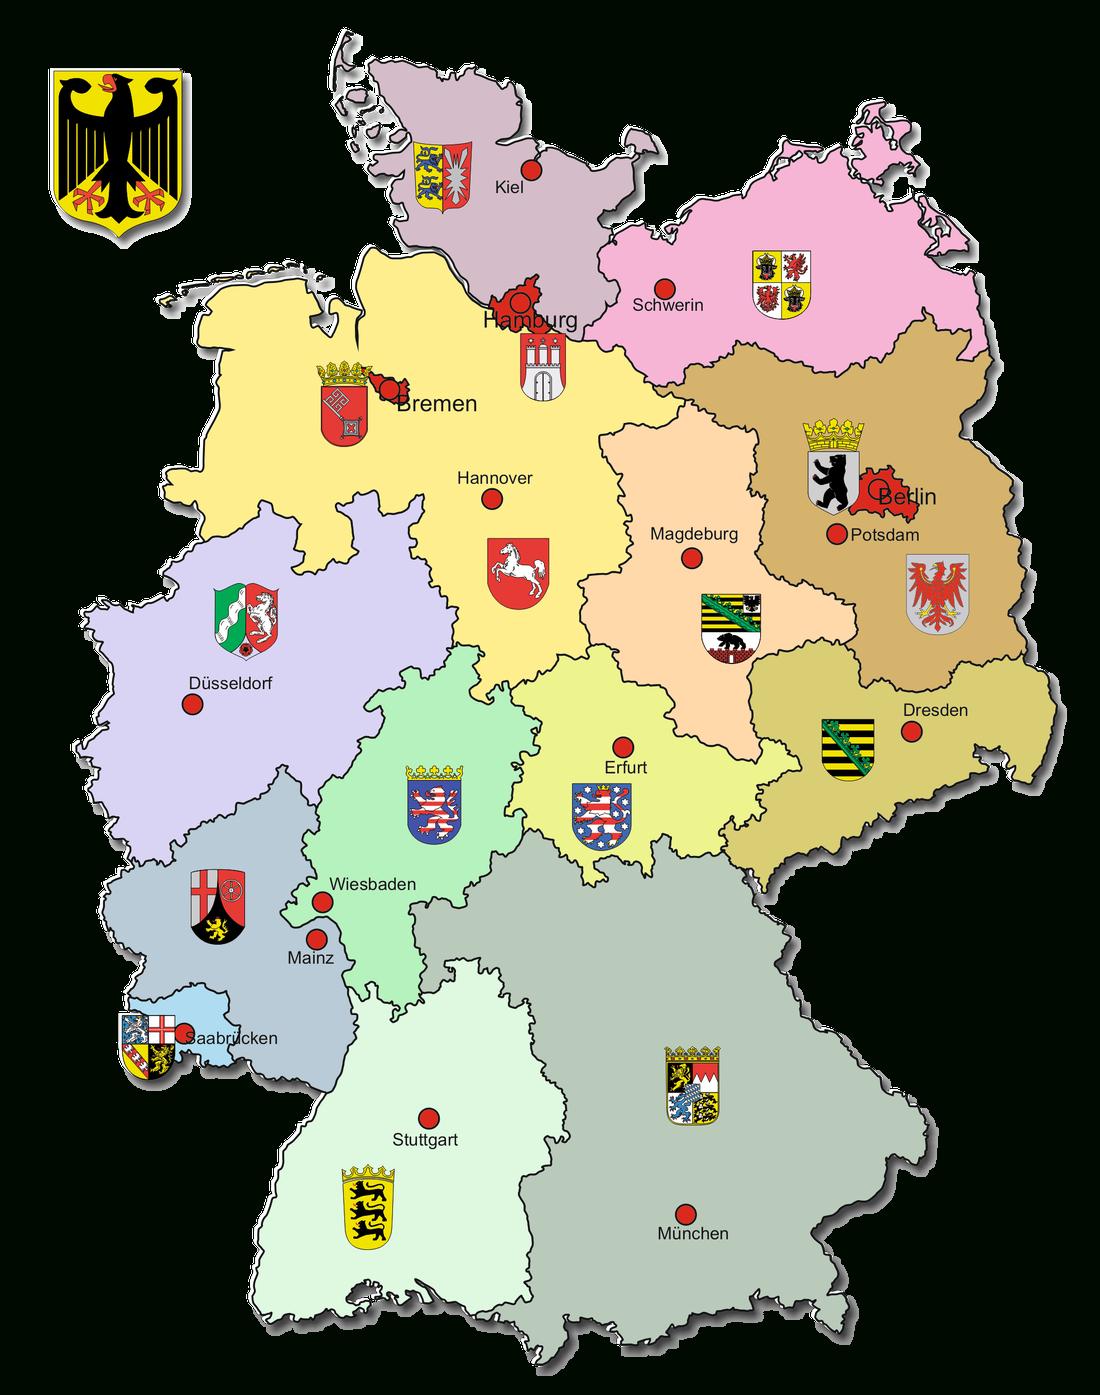 Bundesländer Und Hauptstädte - Geographie Deutschlands mit 16 Bundesländer Und Ihre Hauptstädte Liste